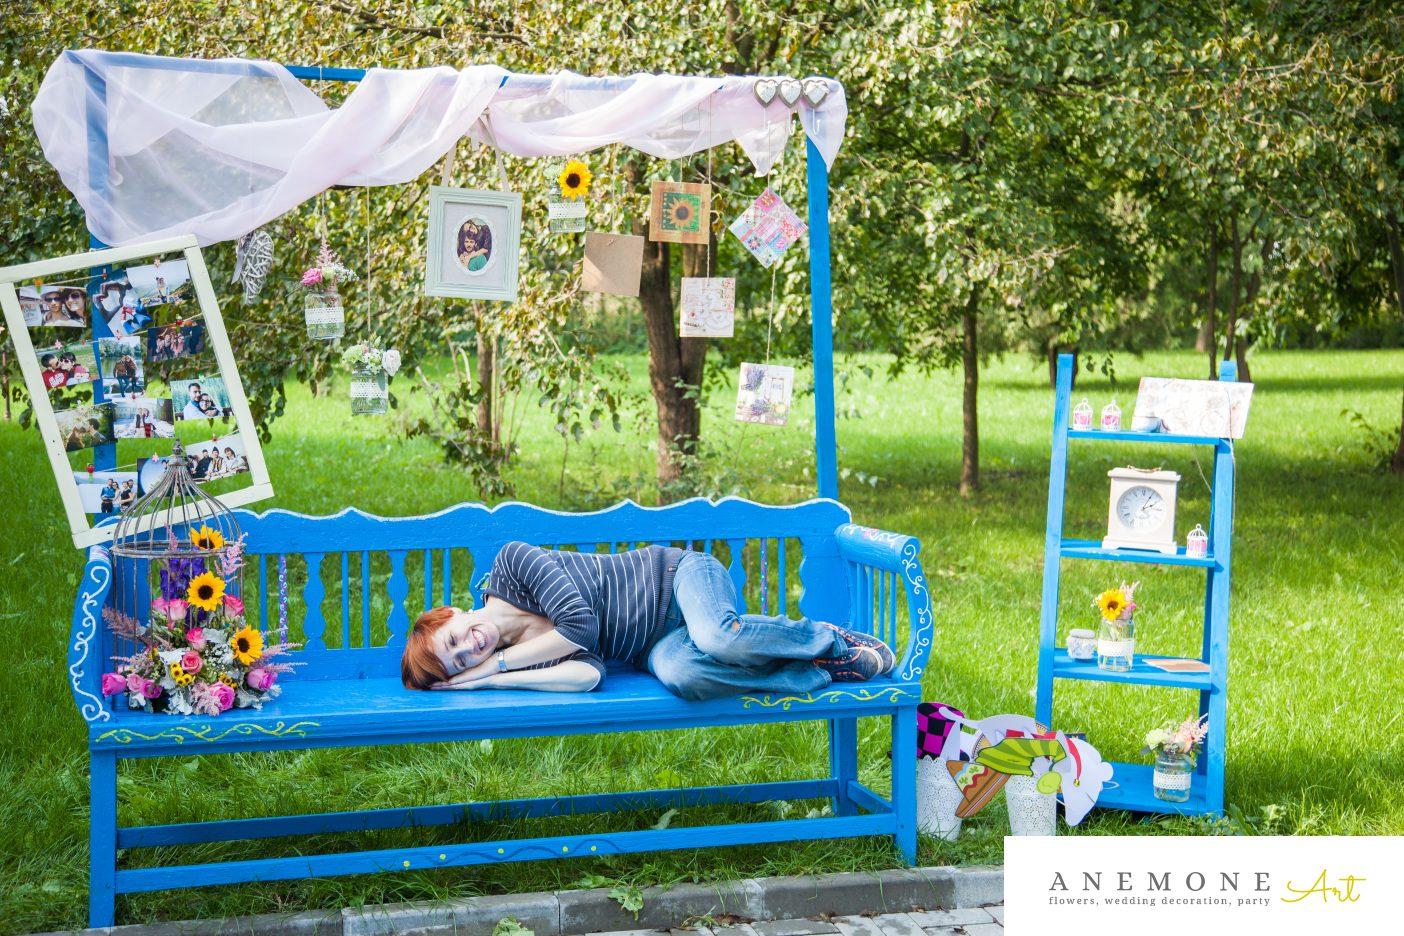 Poza, foto cu Flori de nunta colivie, decor colt photo in Arad, Timisoara, Oradea (wedding flowers, bouquets) nunta Arad, Timisoara, Oradea